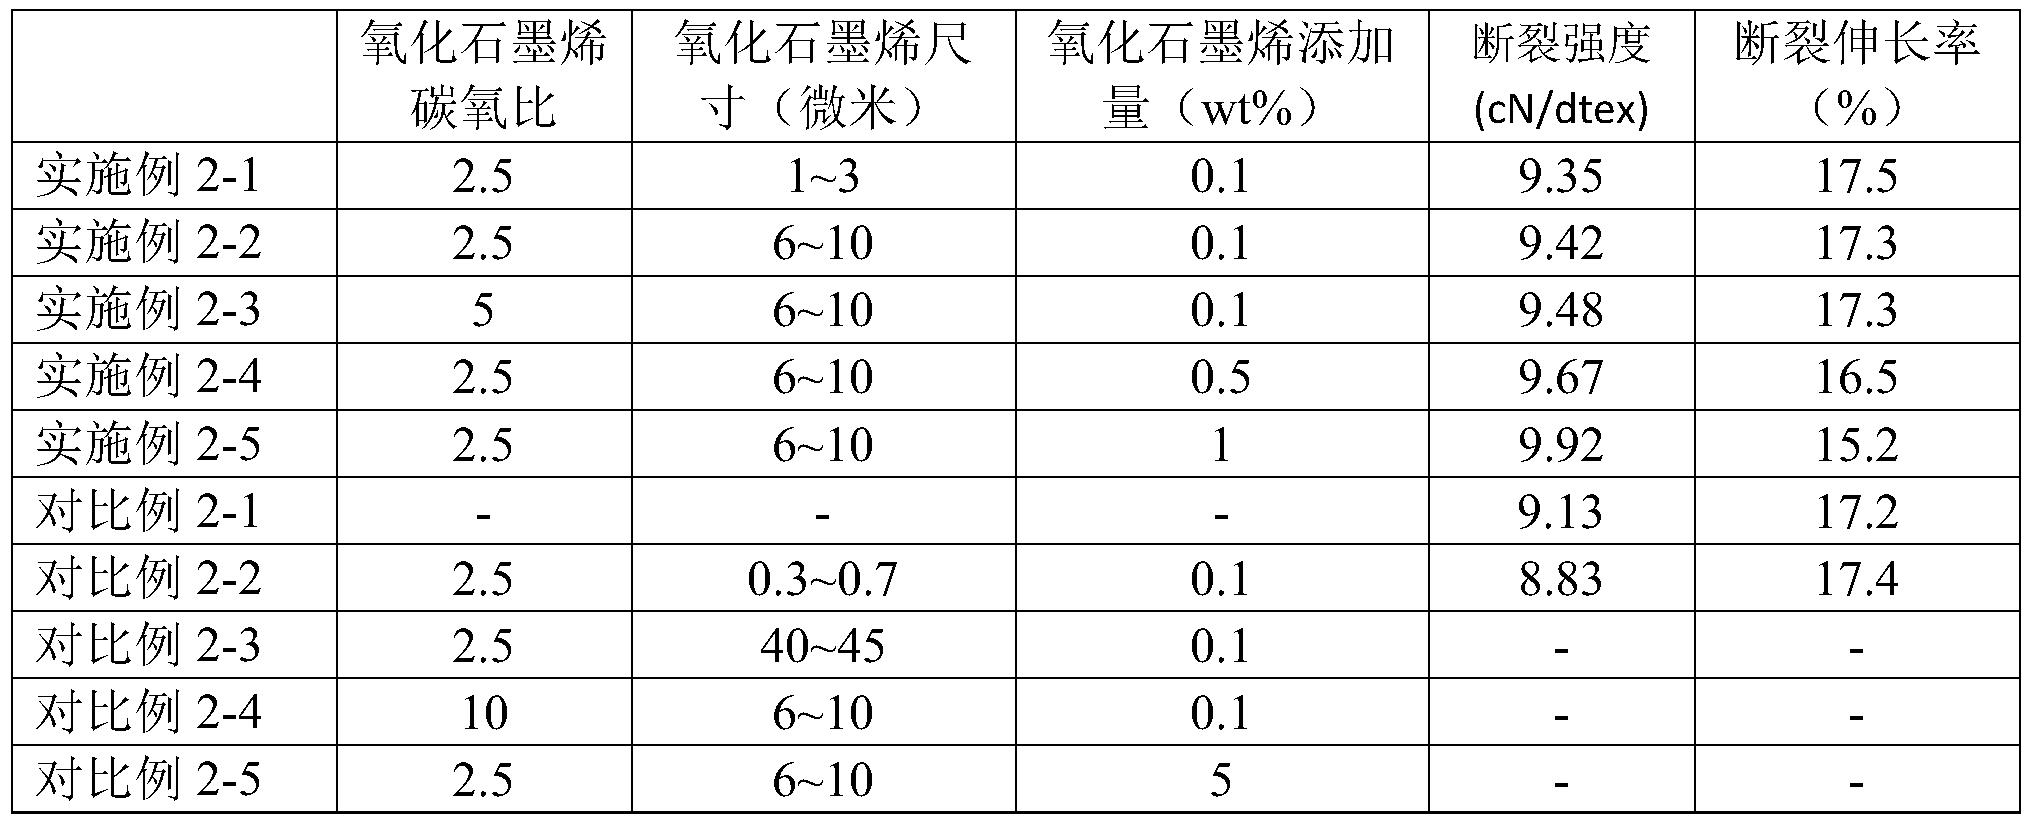 Figure PCTCN2018077169-appb-000002